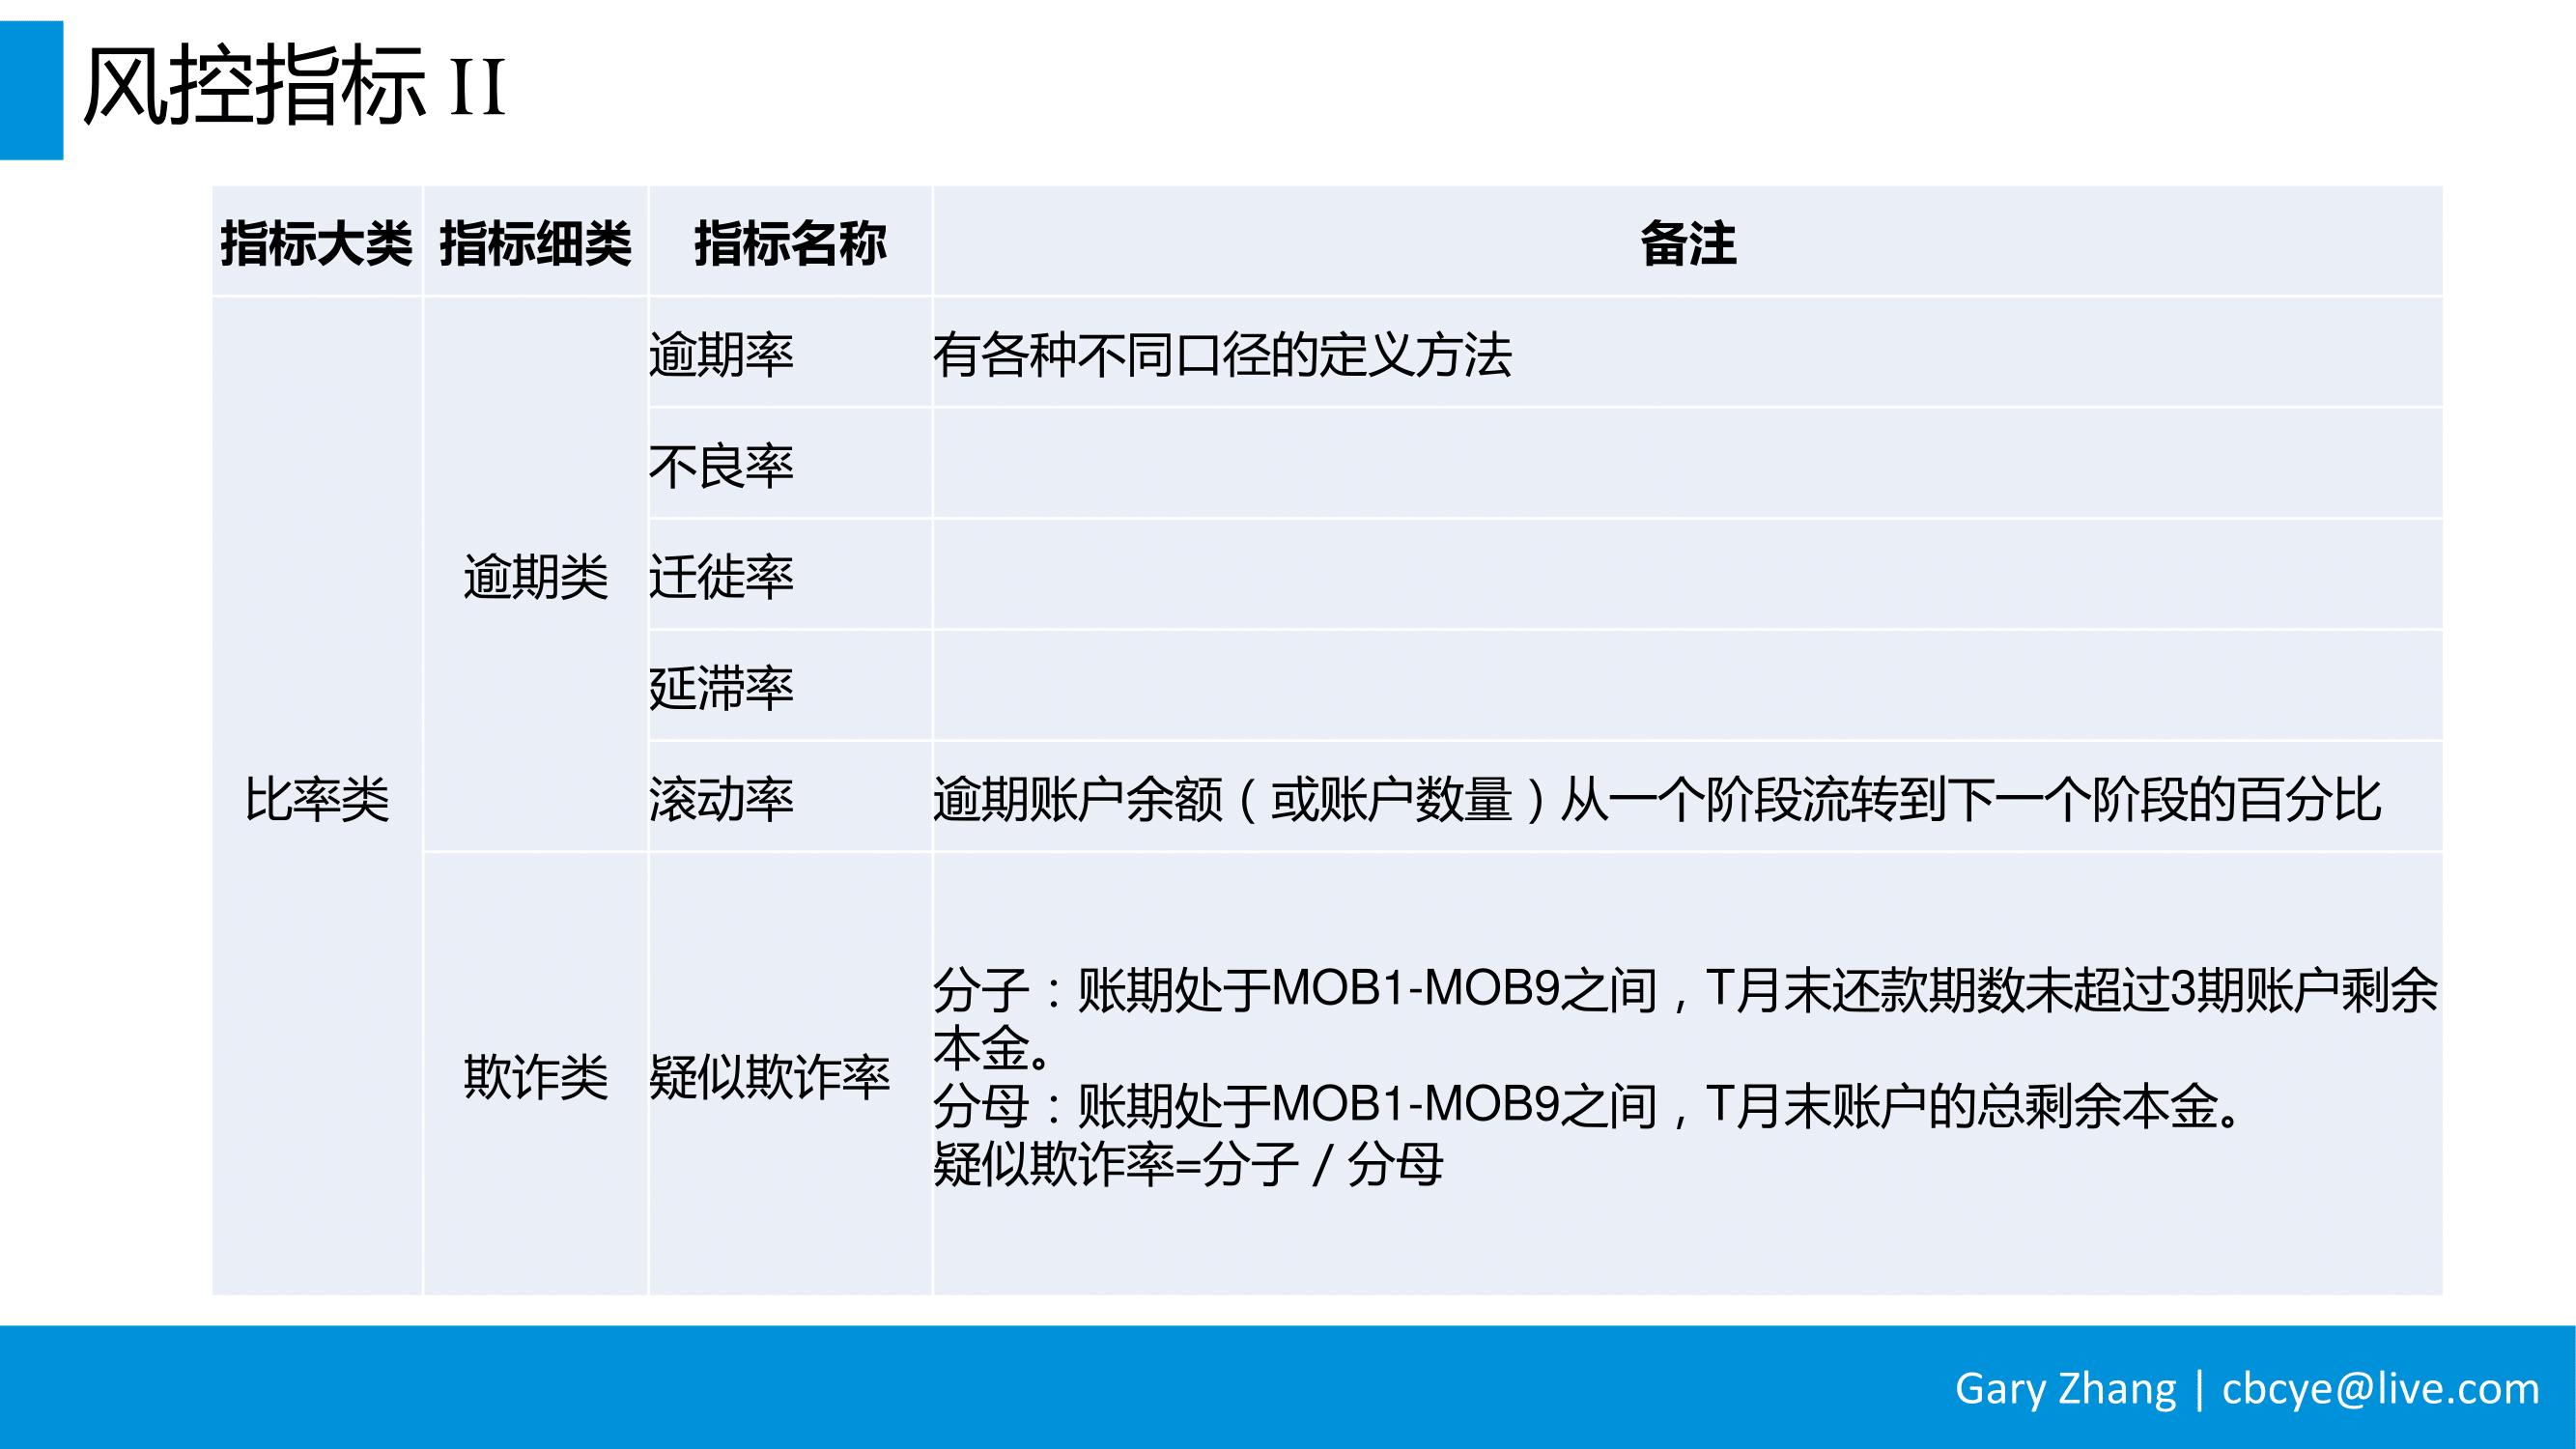 消费金融业务全流程指南_v1.0-082